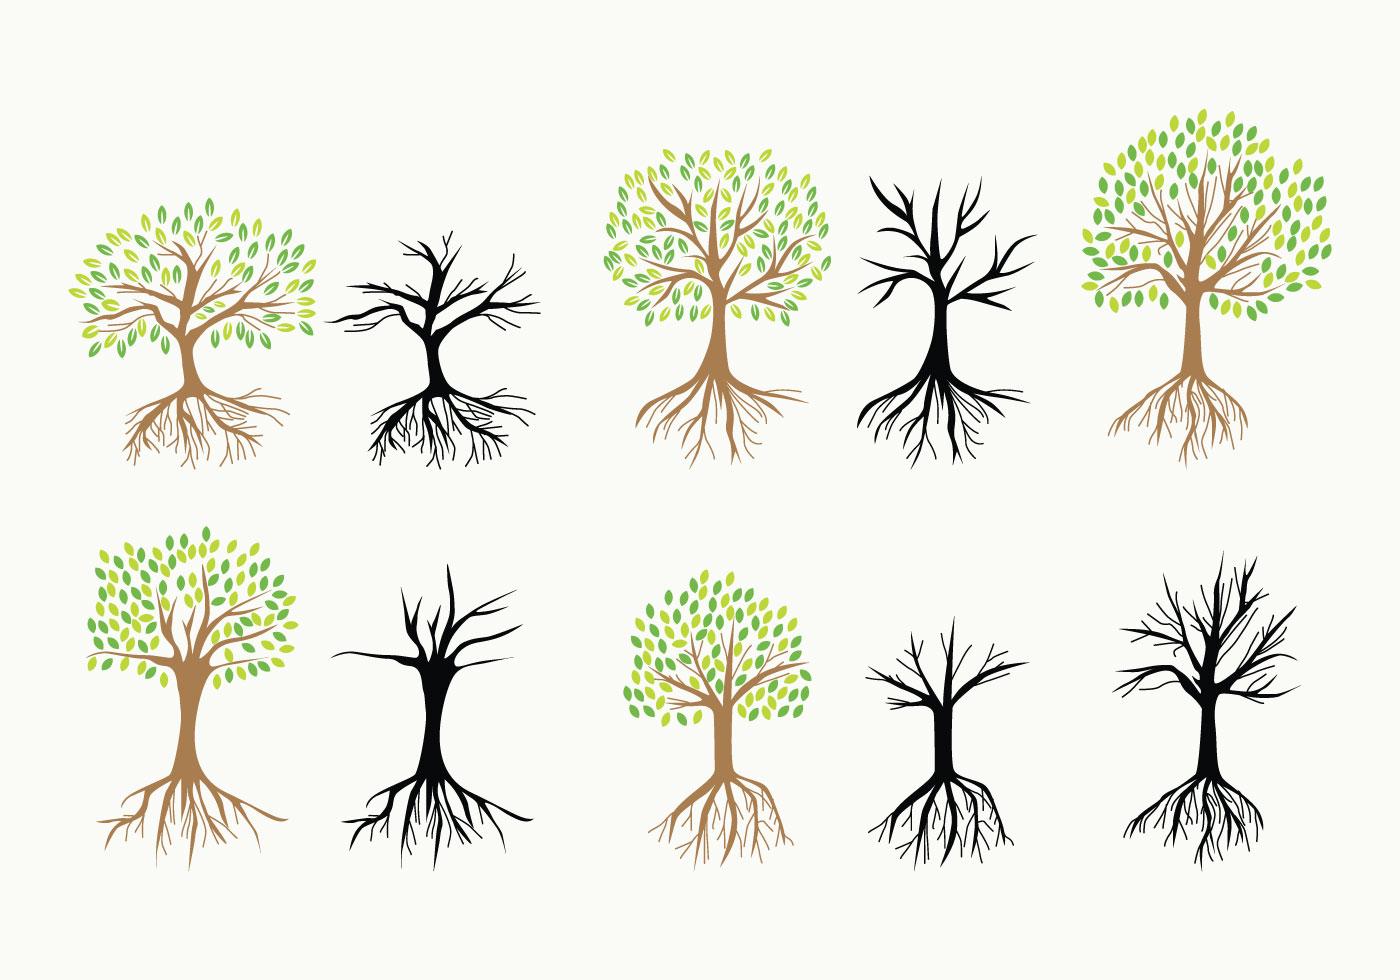 卡通樹 免費下載 | 天天瘋後製